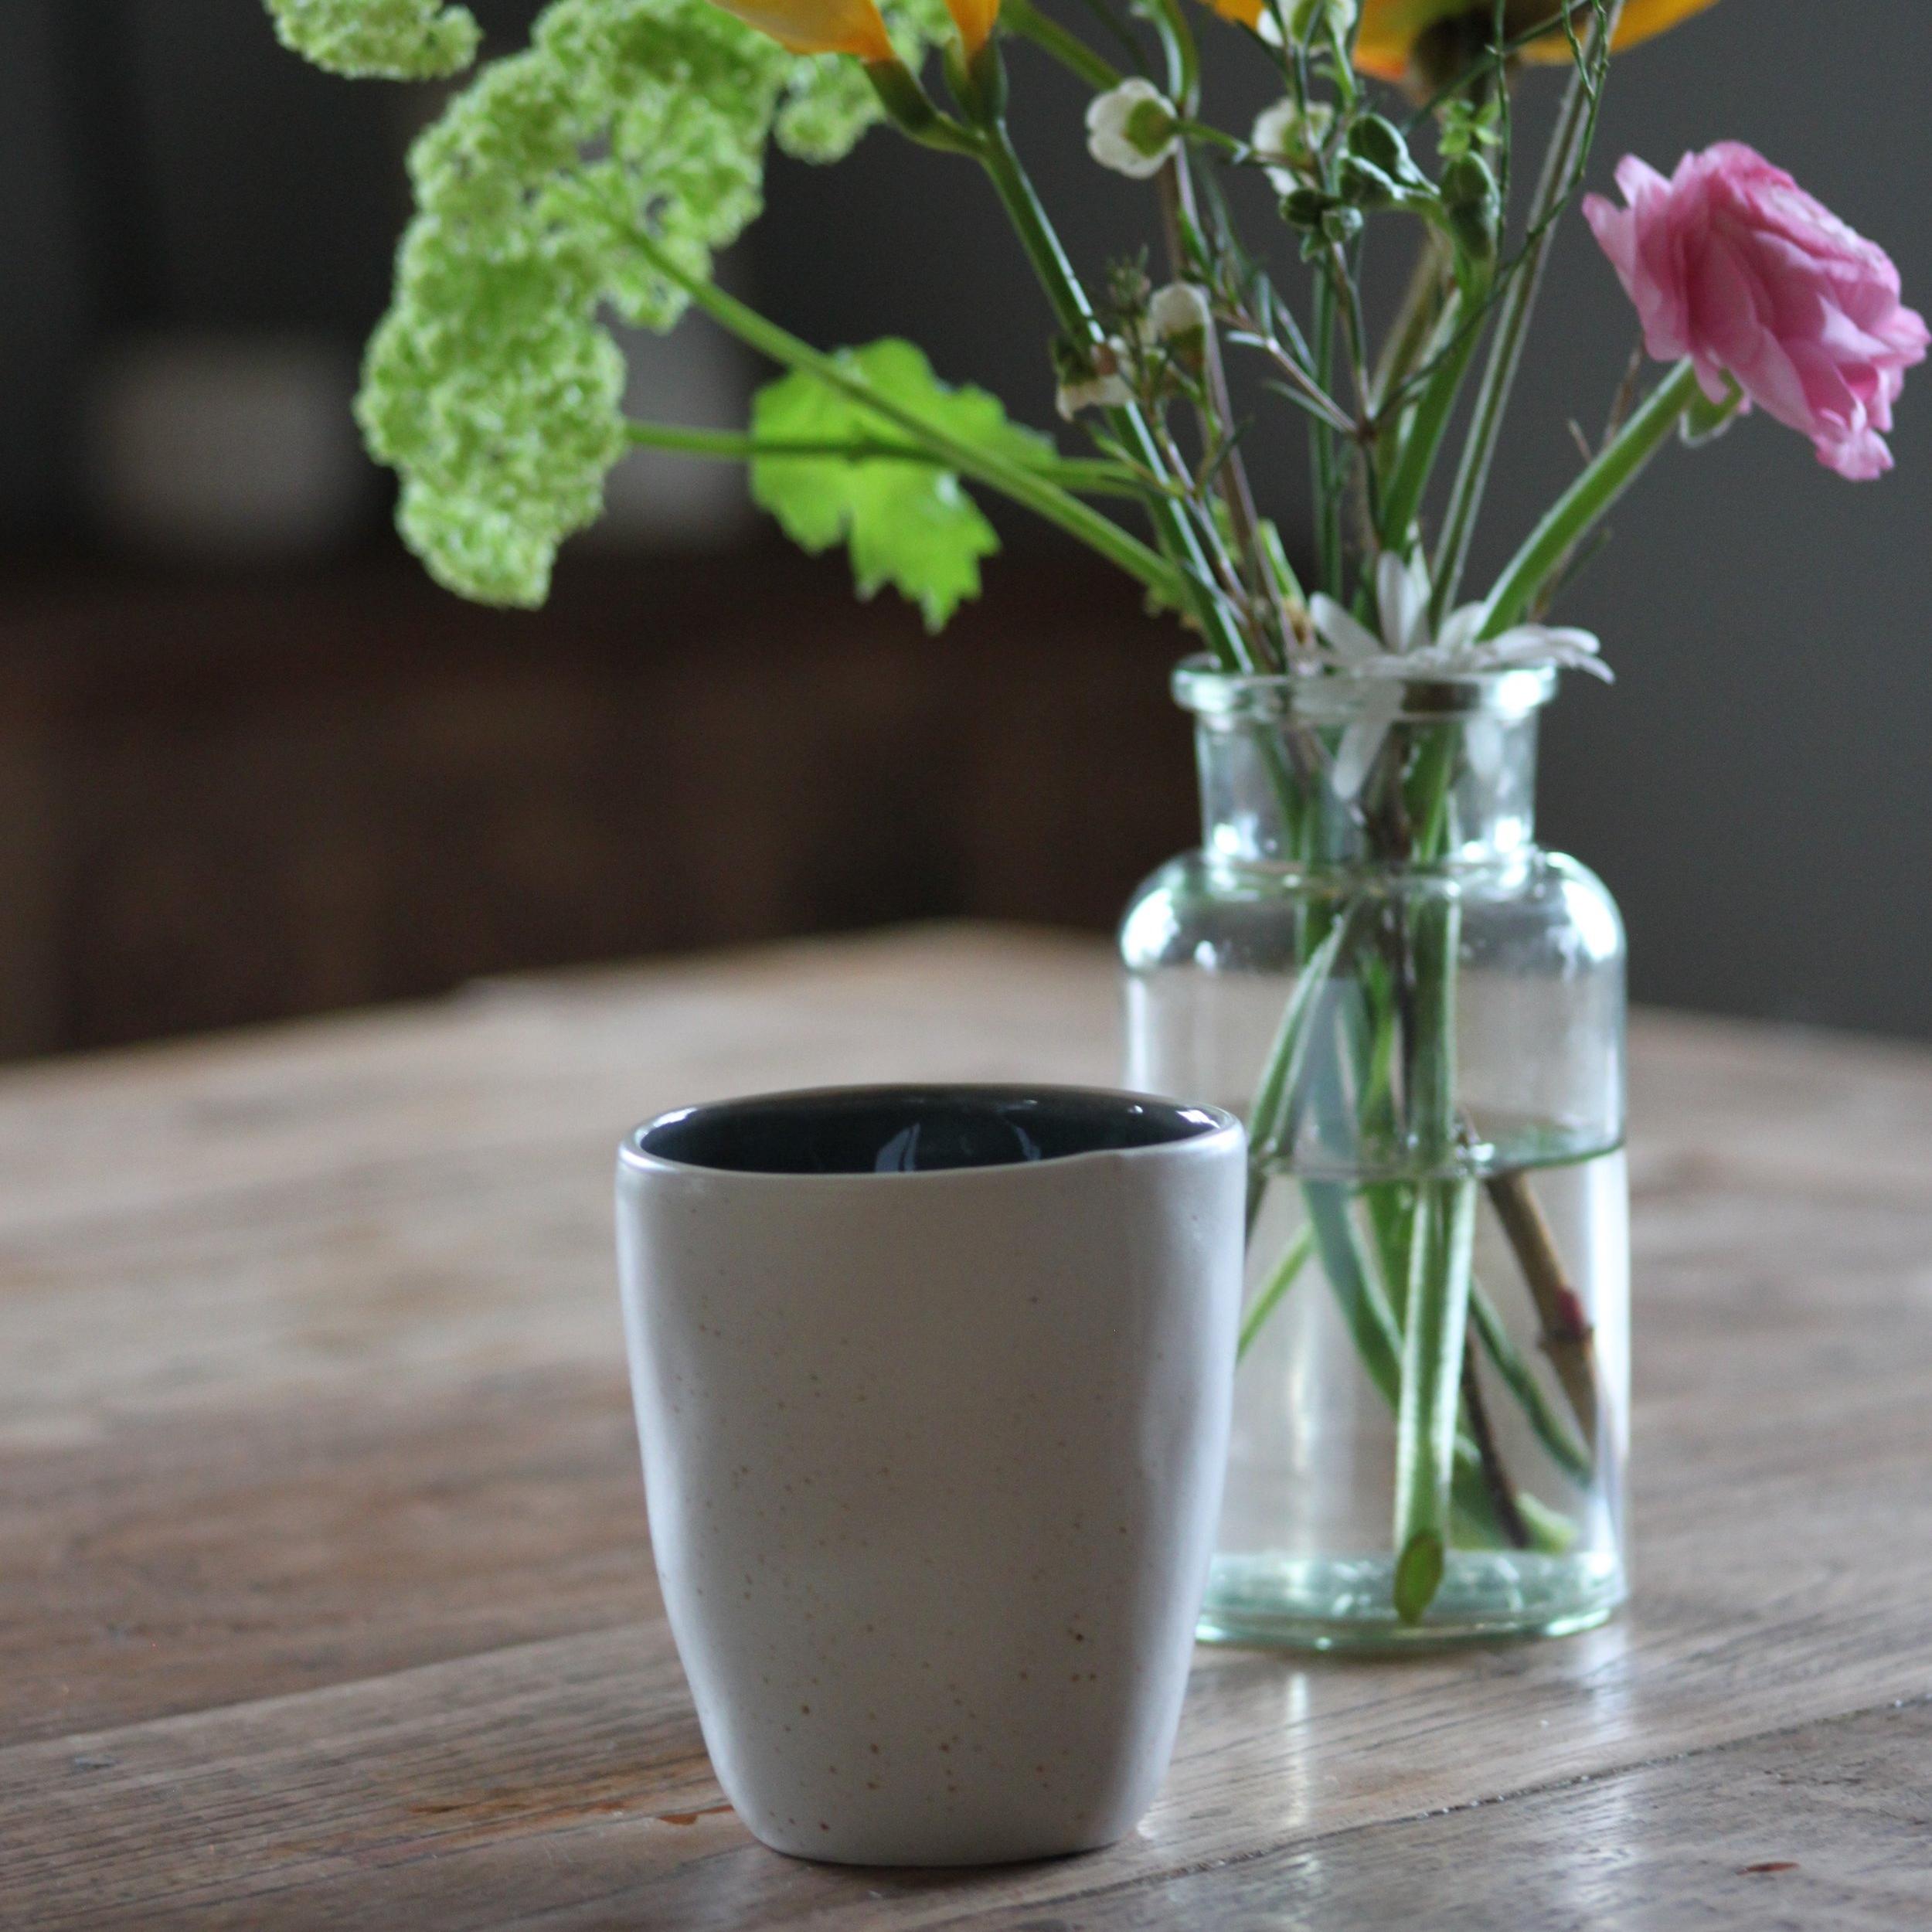 Die Tasse Porto entspricht genau meinem Geschmack. Die Tasse ist handgemacht, aussen matt weiss und innen in verschiedenen Farben erhältlich. Jede Tasse hat ihre eigene Formungen, was sie besonders macht.   erhältlich bei  Toptip  Preis 7.50 CHF